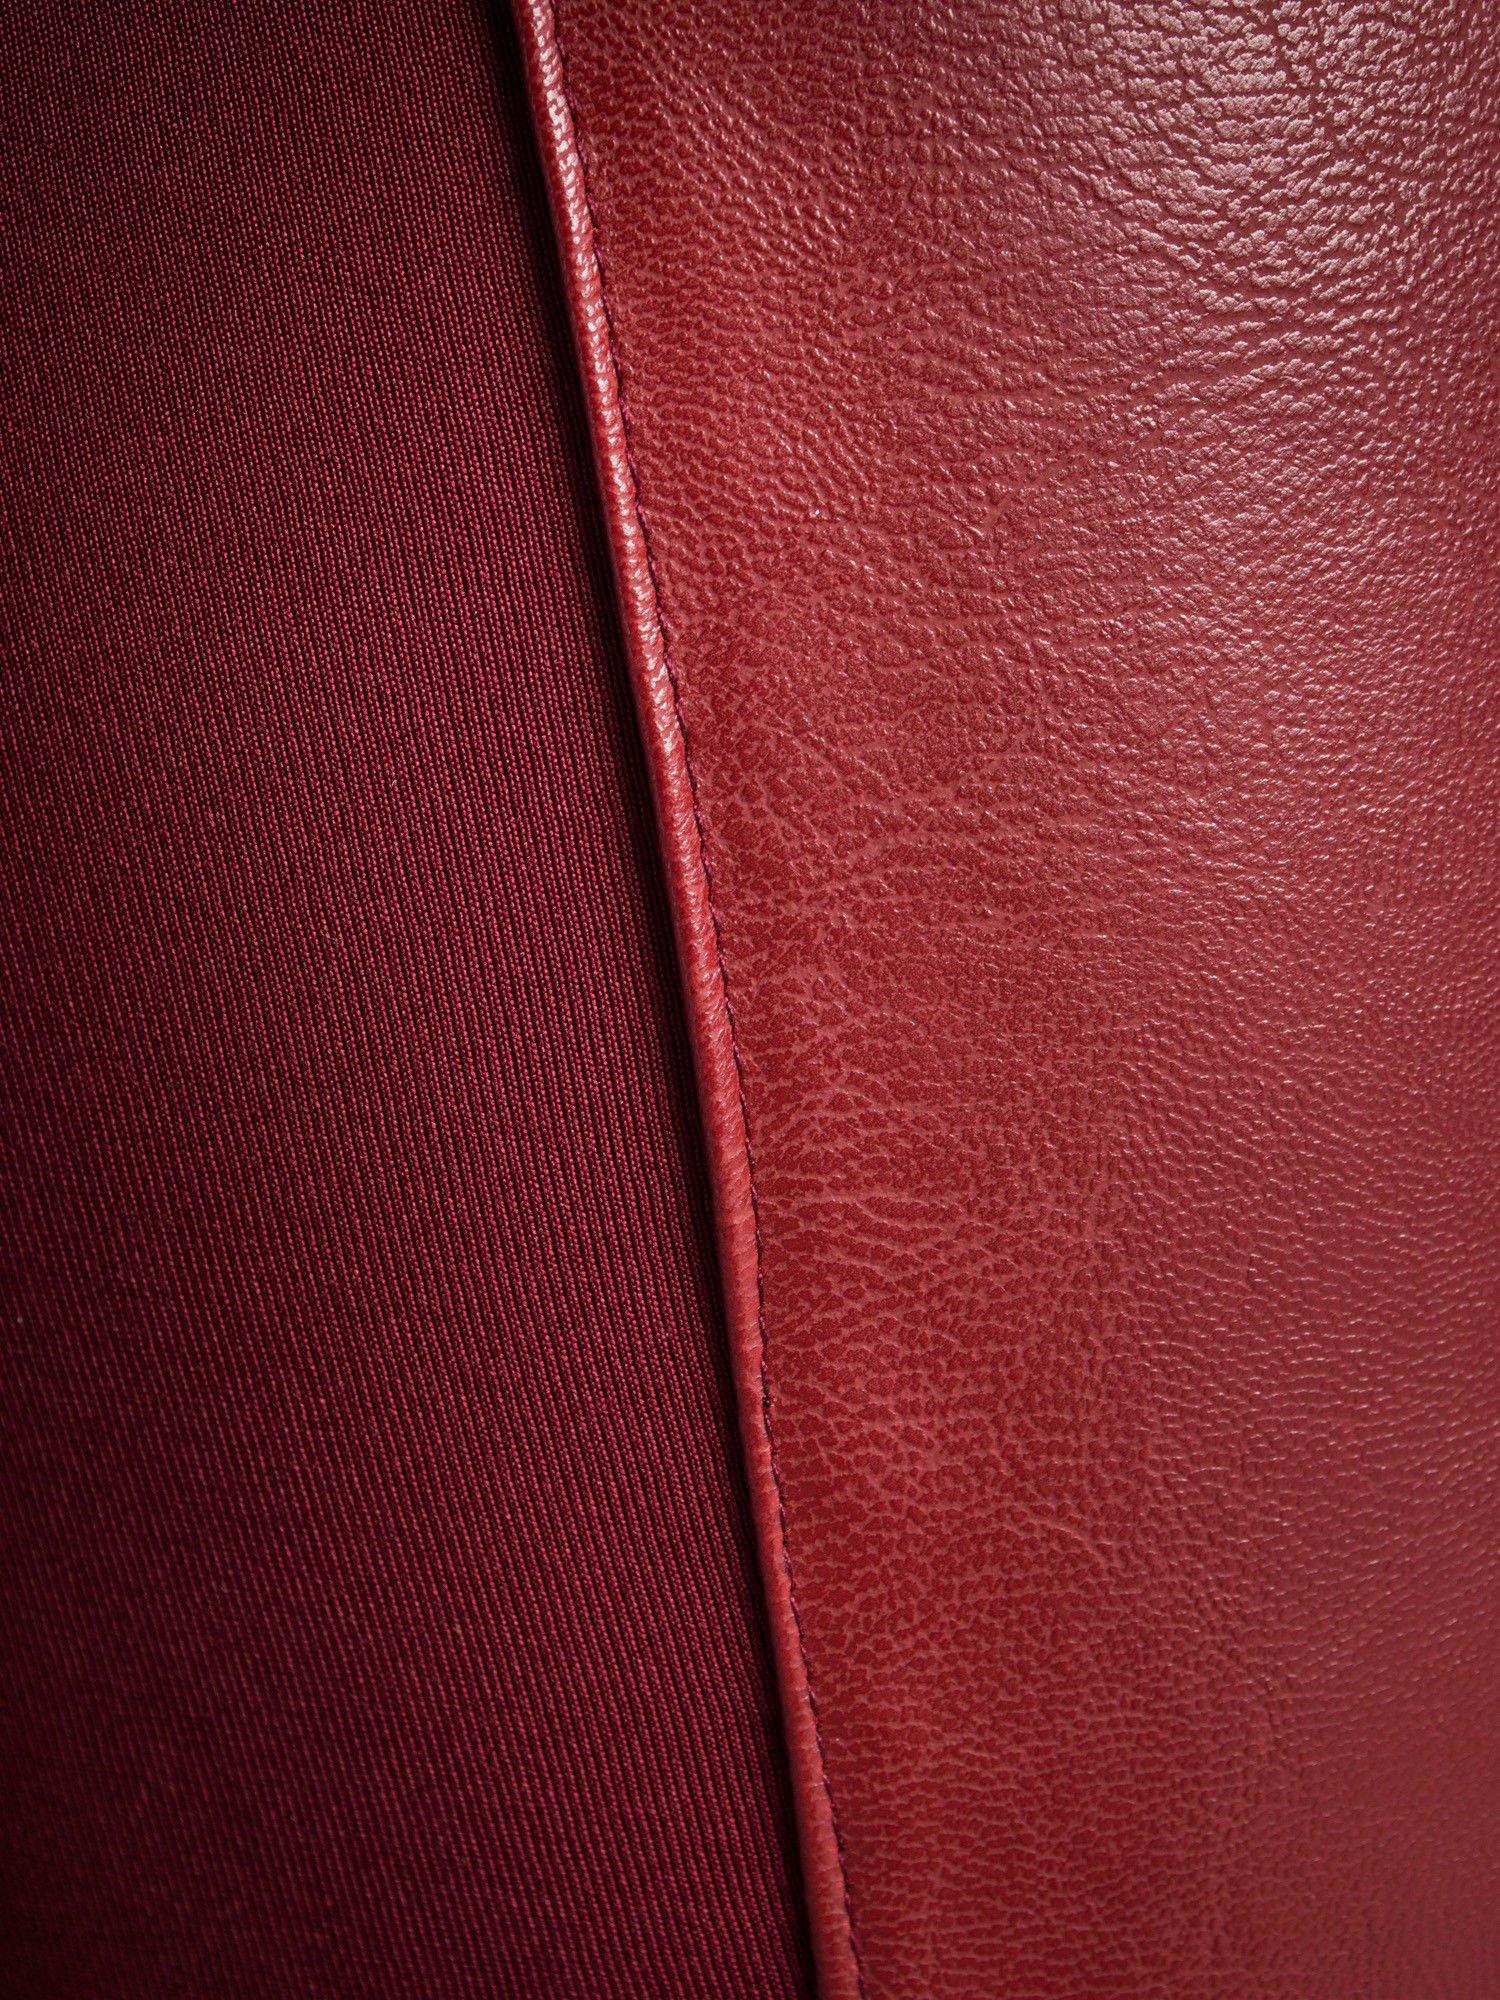 Borodowe dwustronne legginsy skórzane                                  zdj.                                  3